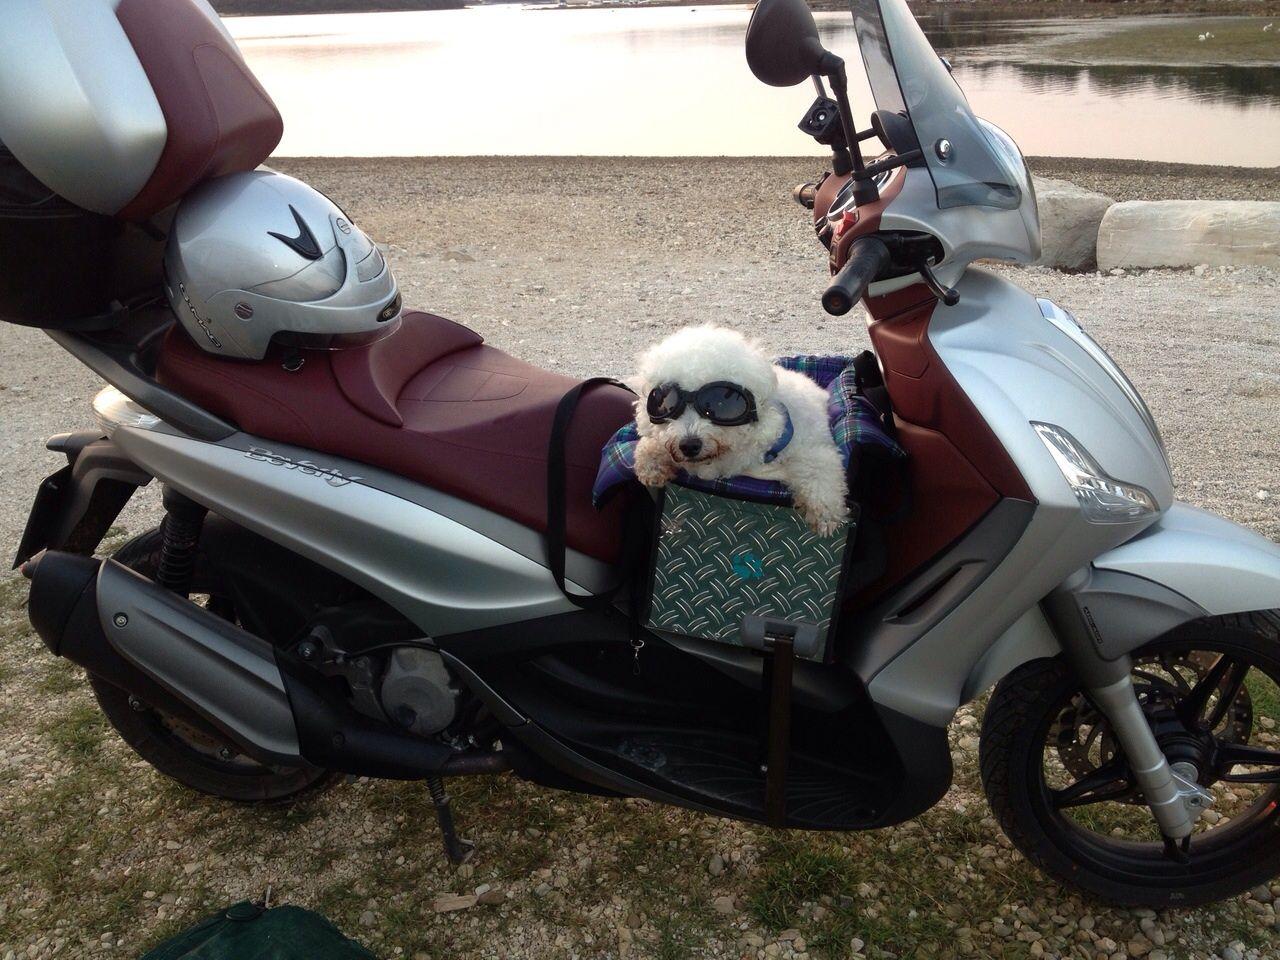 Weihnachtsdeko Bei Roller.Hundetransport Auf Roller Udos Eigene Diy Hundetransport Roller